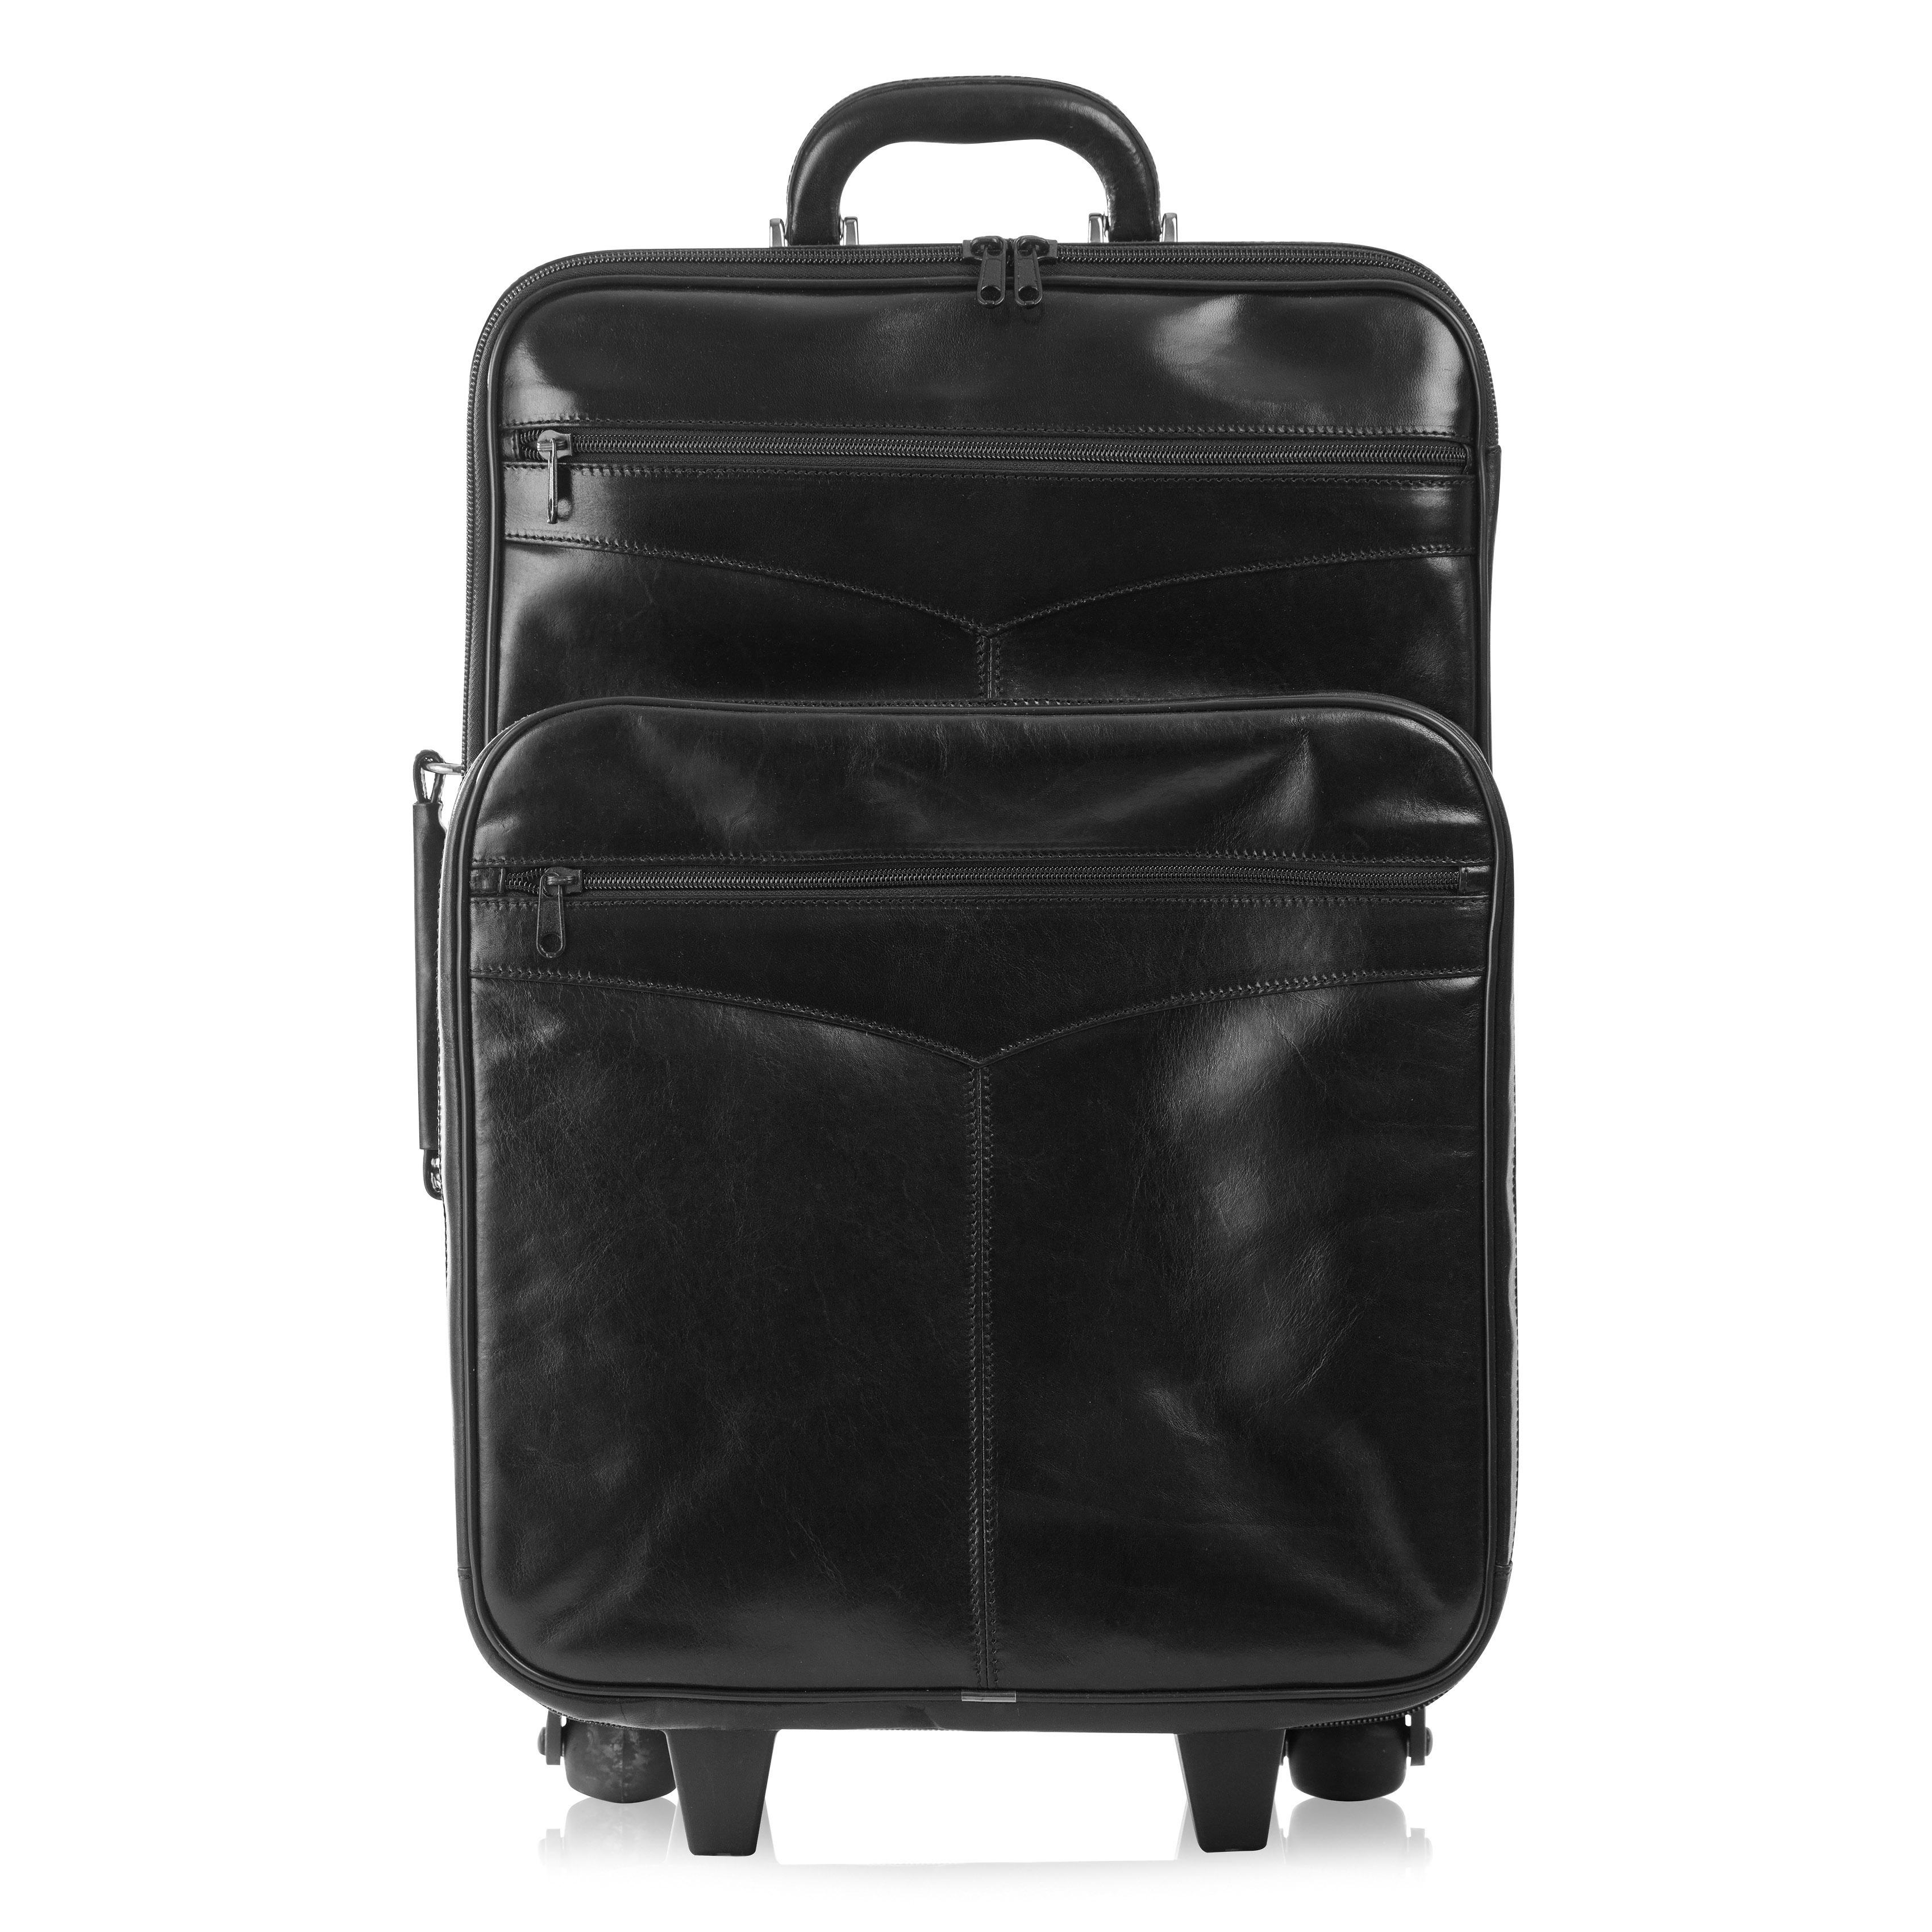 Palubní kufr ADK Brisbane černý